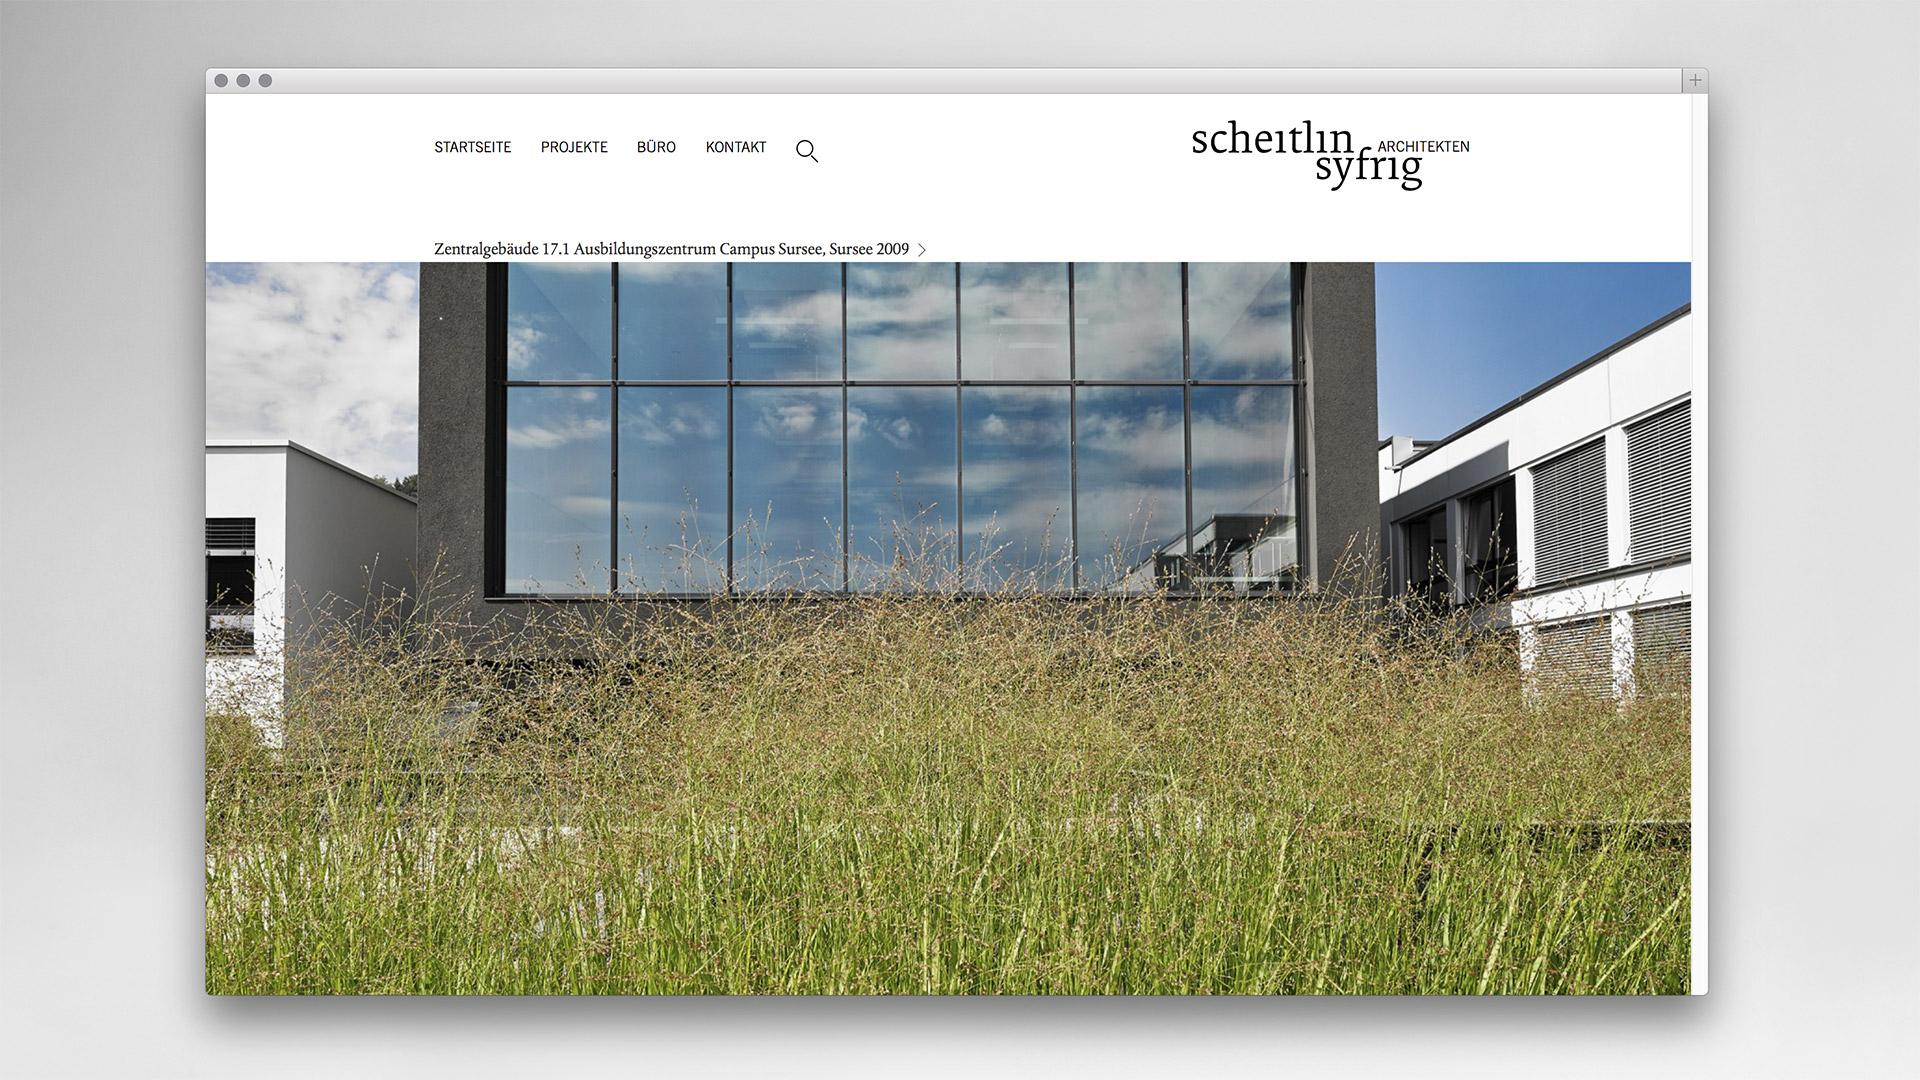 equipe-visuelle-luzern-emmenbruecke-scheitlin-syfrig-architekten-corporate-webdesign